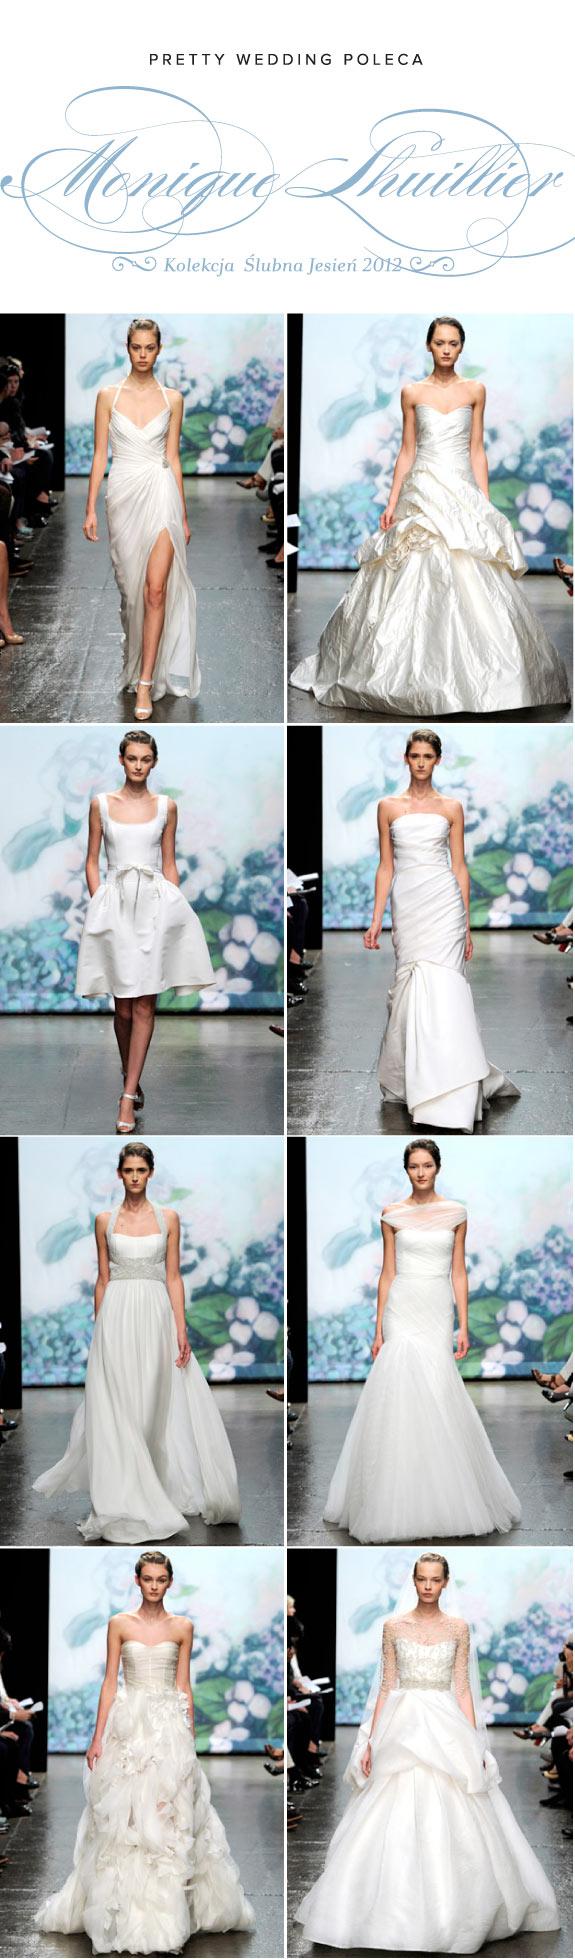 Suknie Ślubne Monique Lhuillier z Kolekcji Jesień 2012